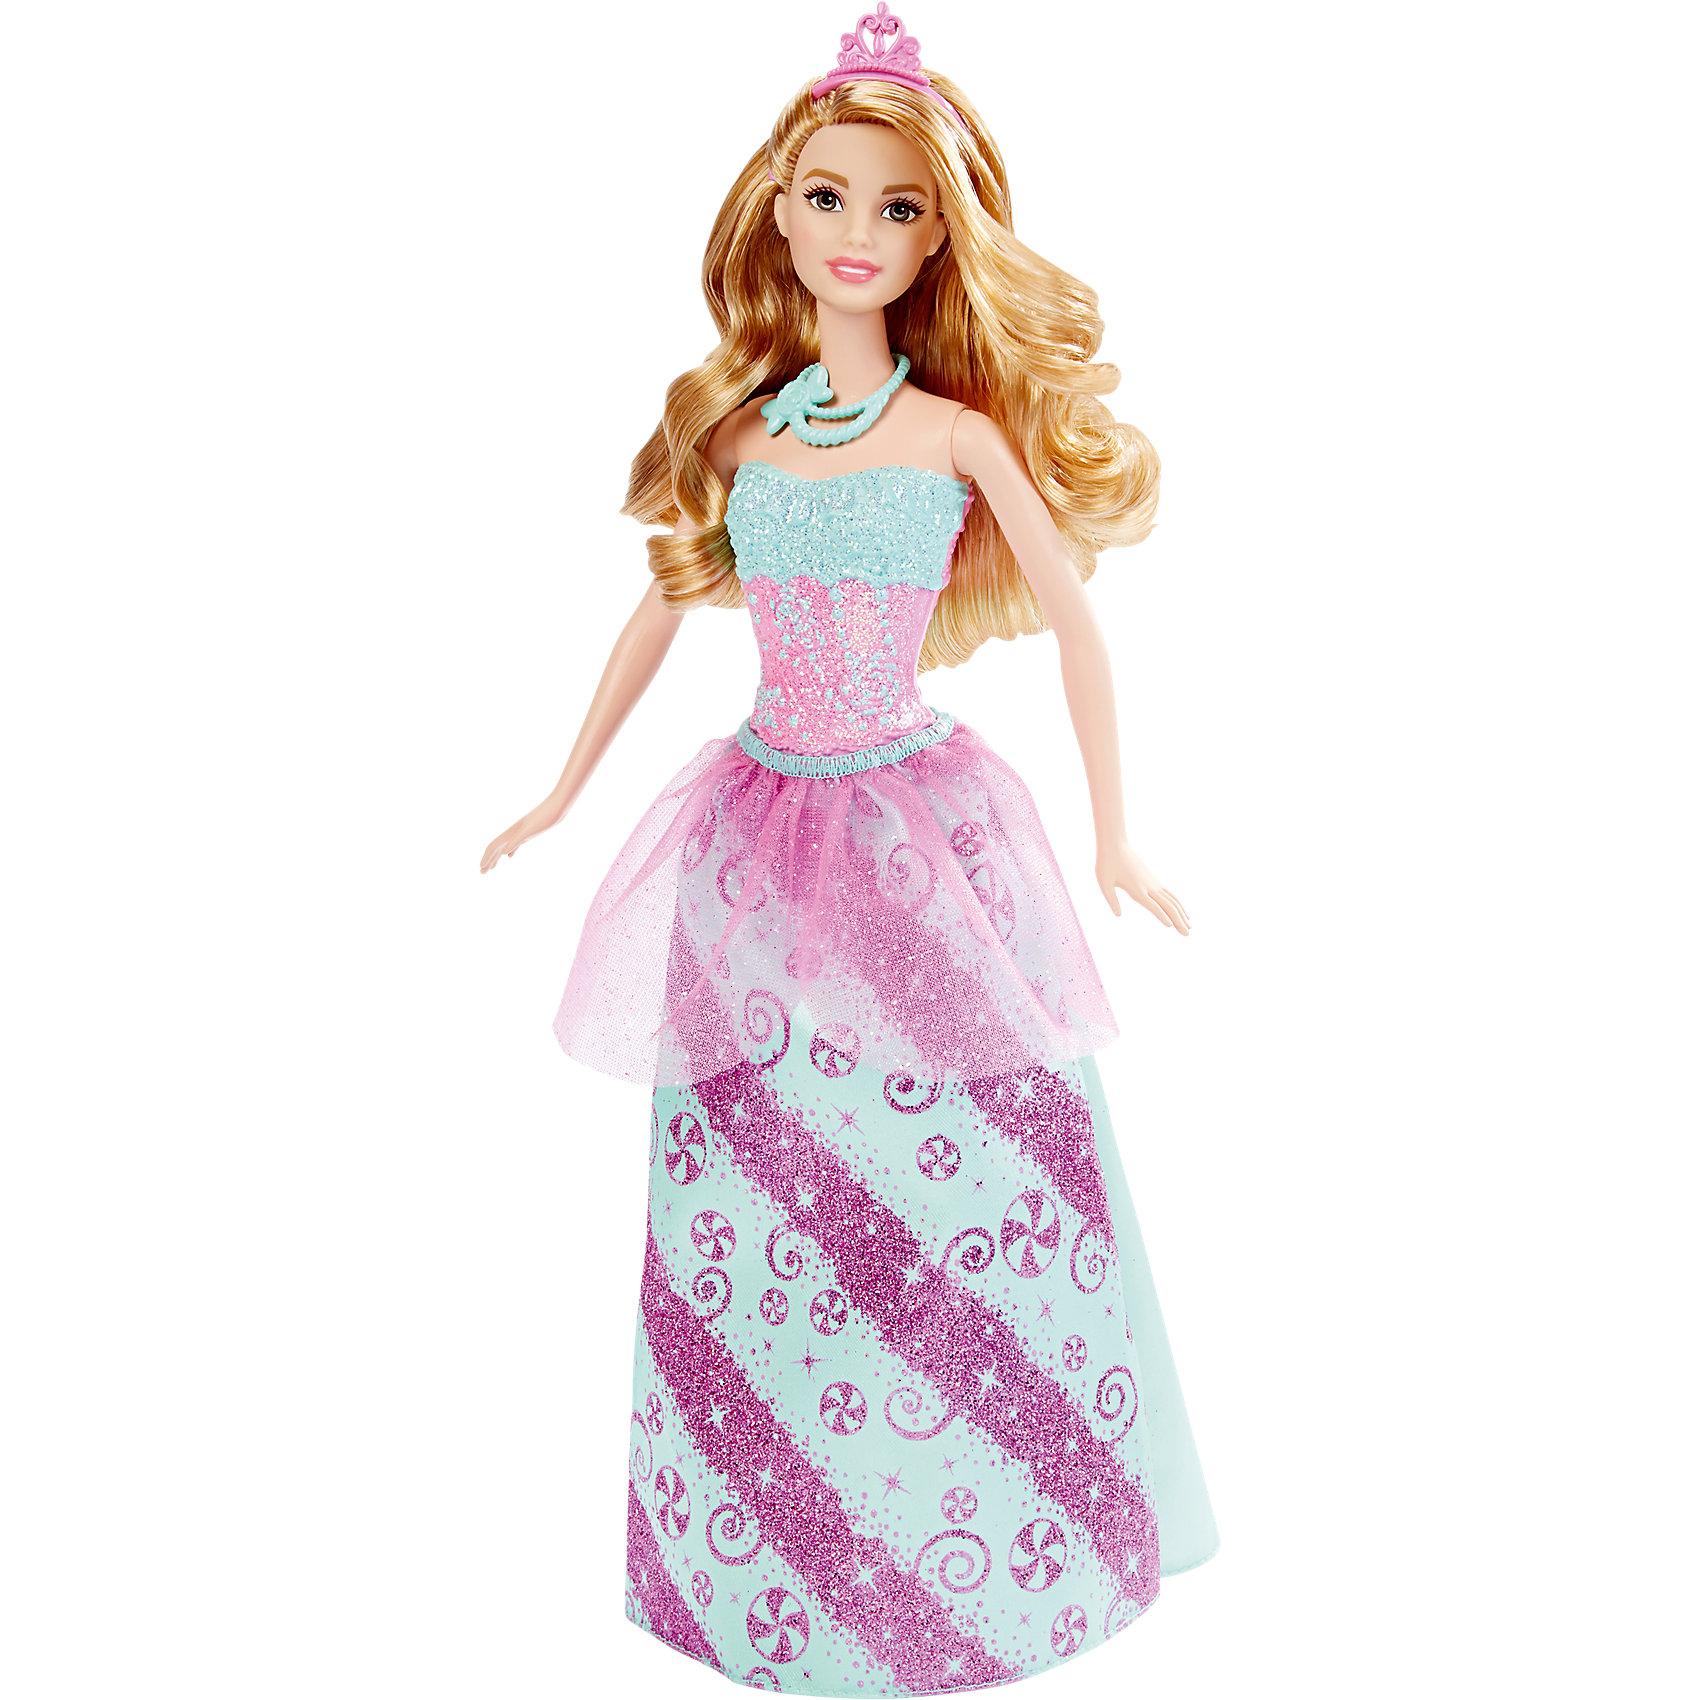 Mattel Кукла Принцесса в голубом, Barbie mattel mattel кукла ever after high мишель мермейд